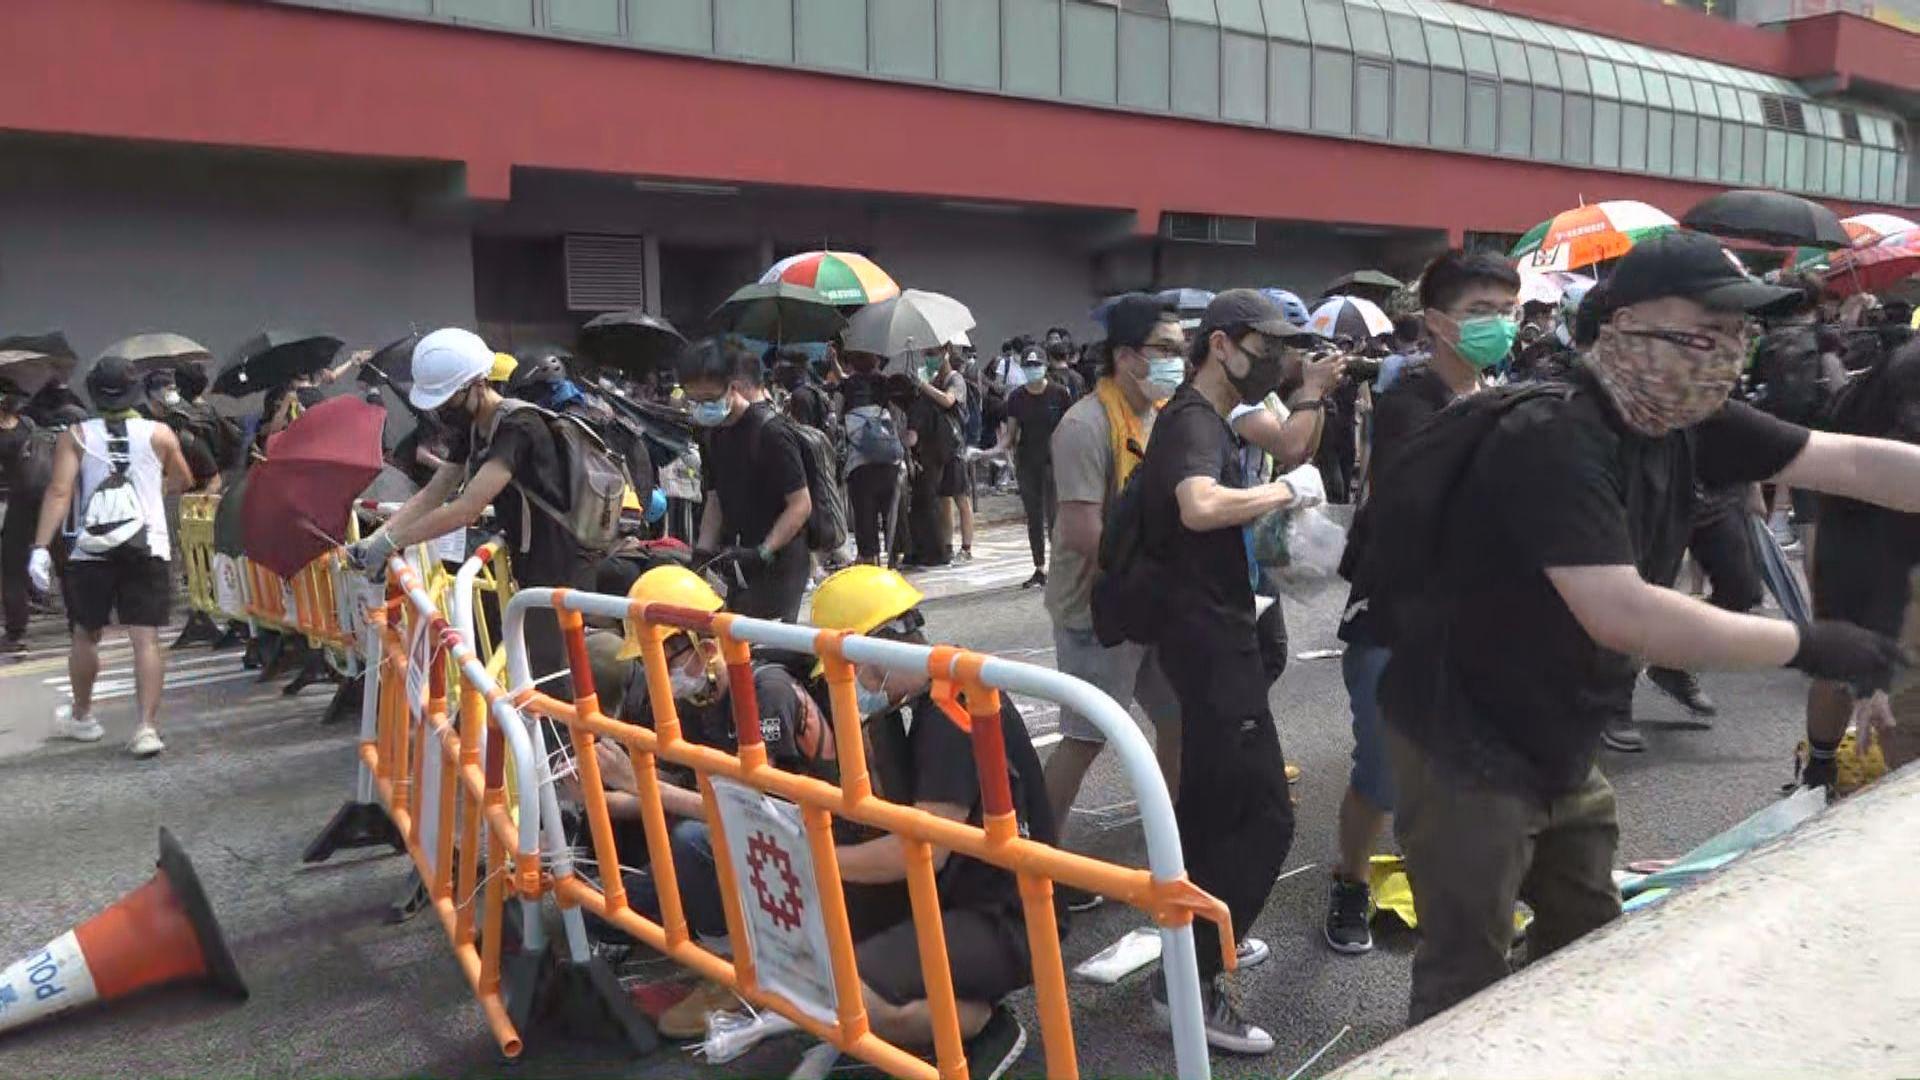 黃大仙衝突一男子被控暴動罪 十月再提堂